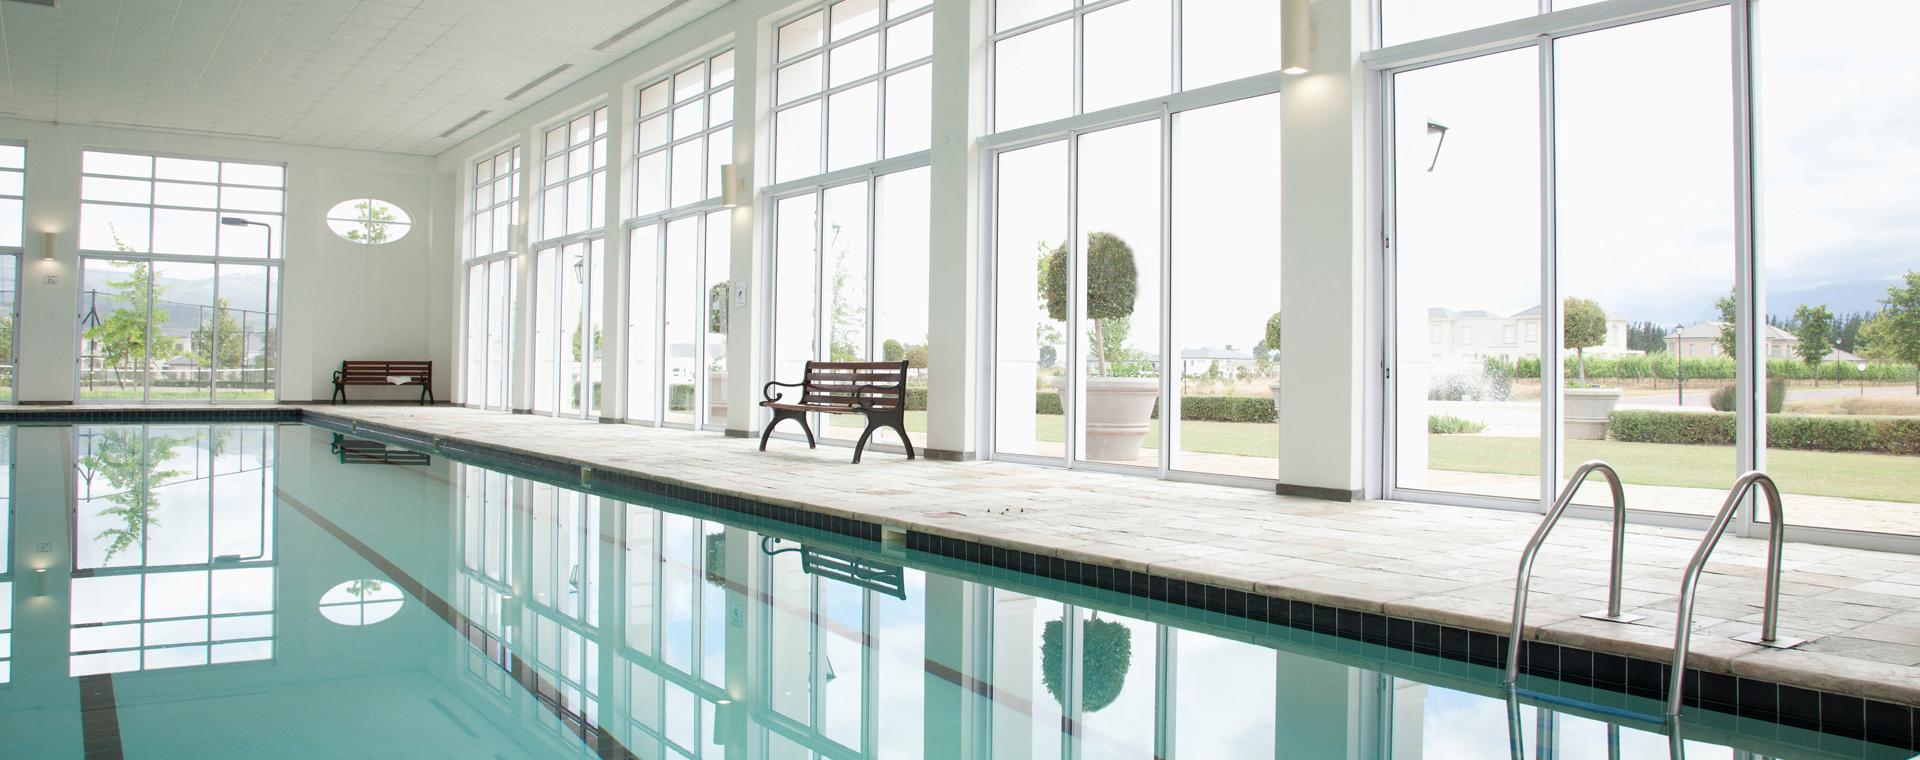 Produits et mat riel d entretien de piscines et traitement for Traitement eau piscine